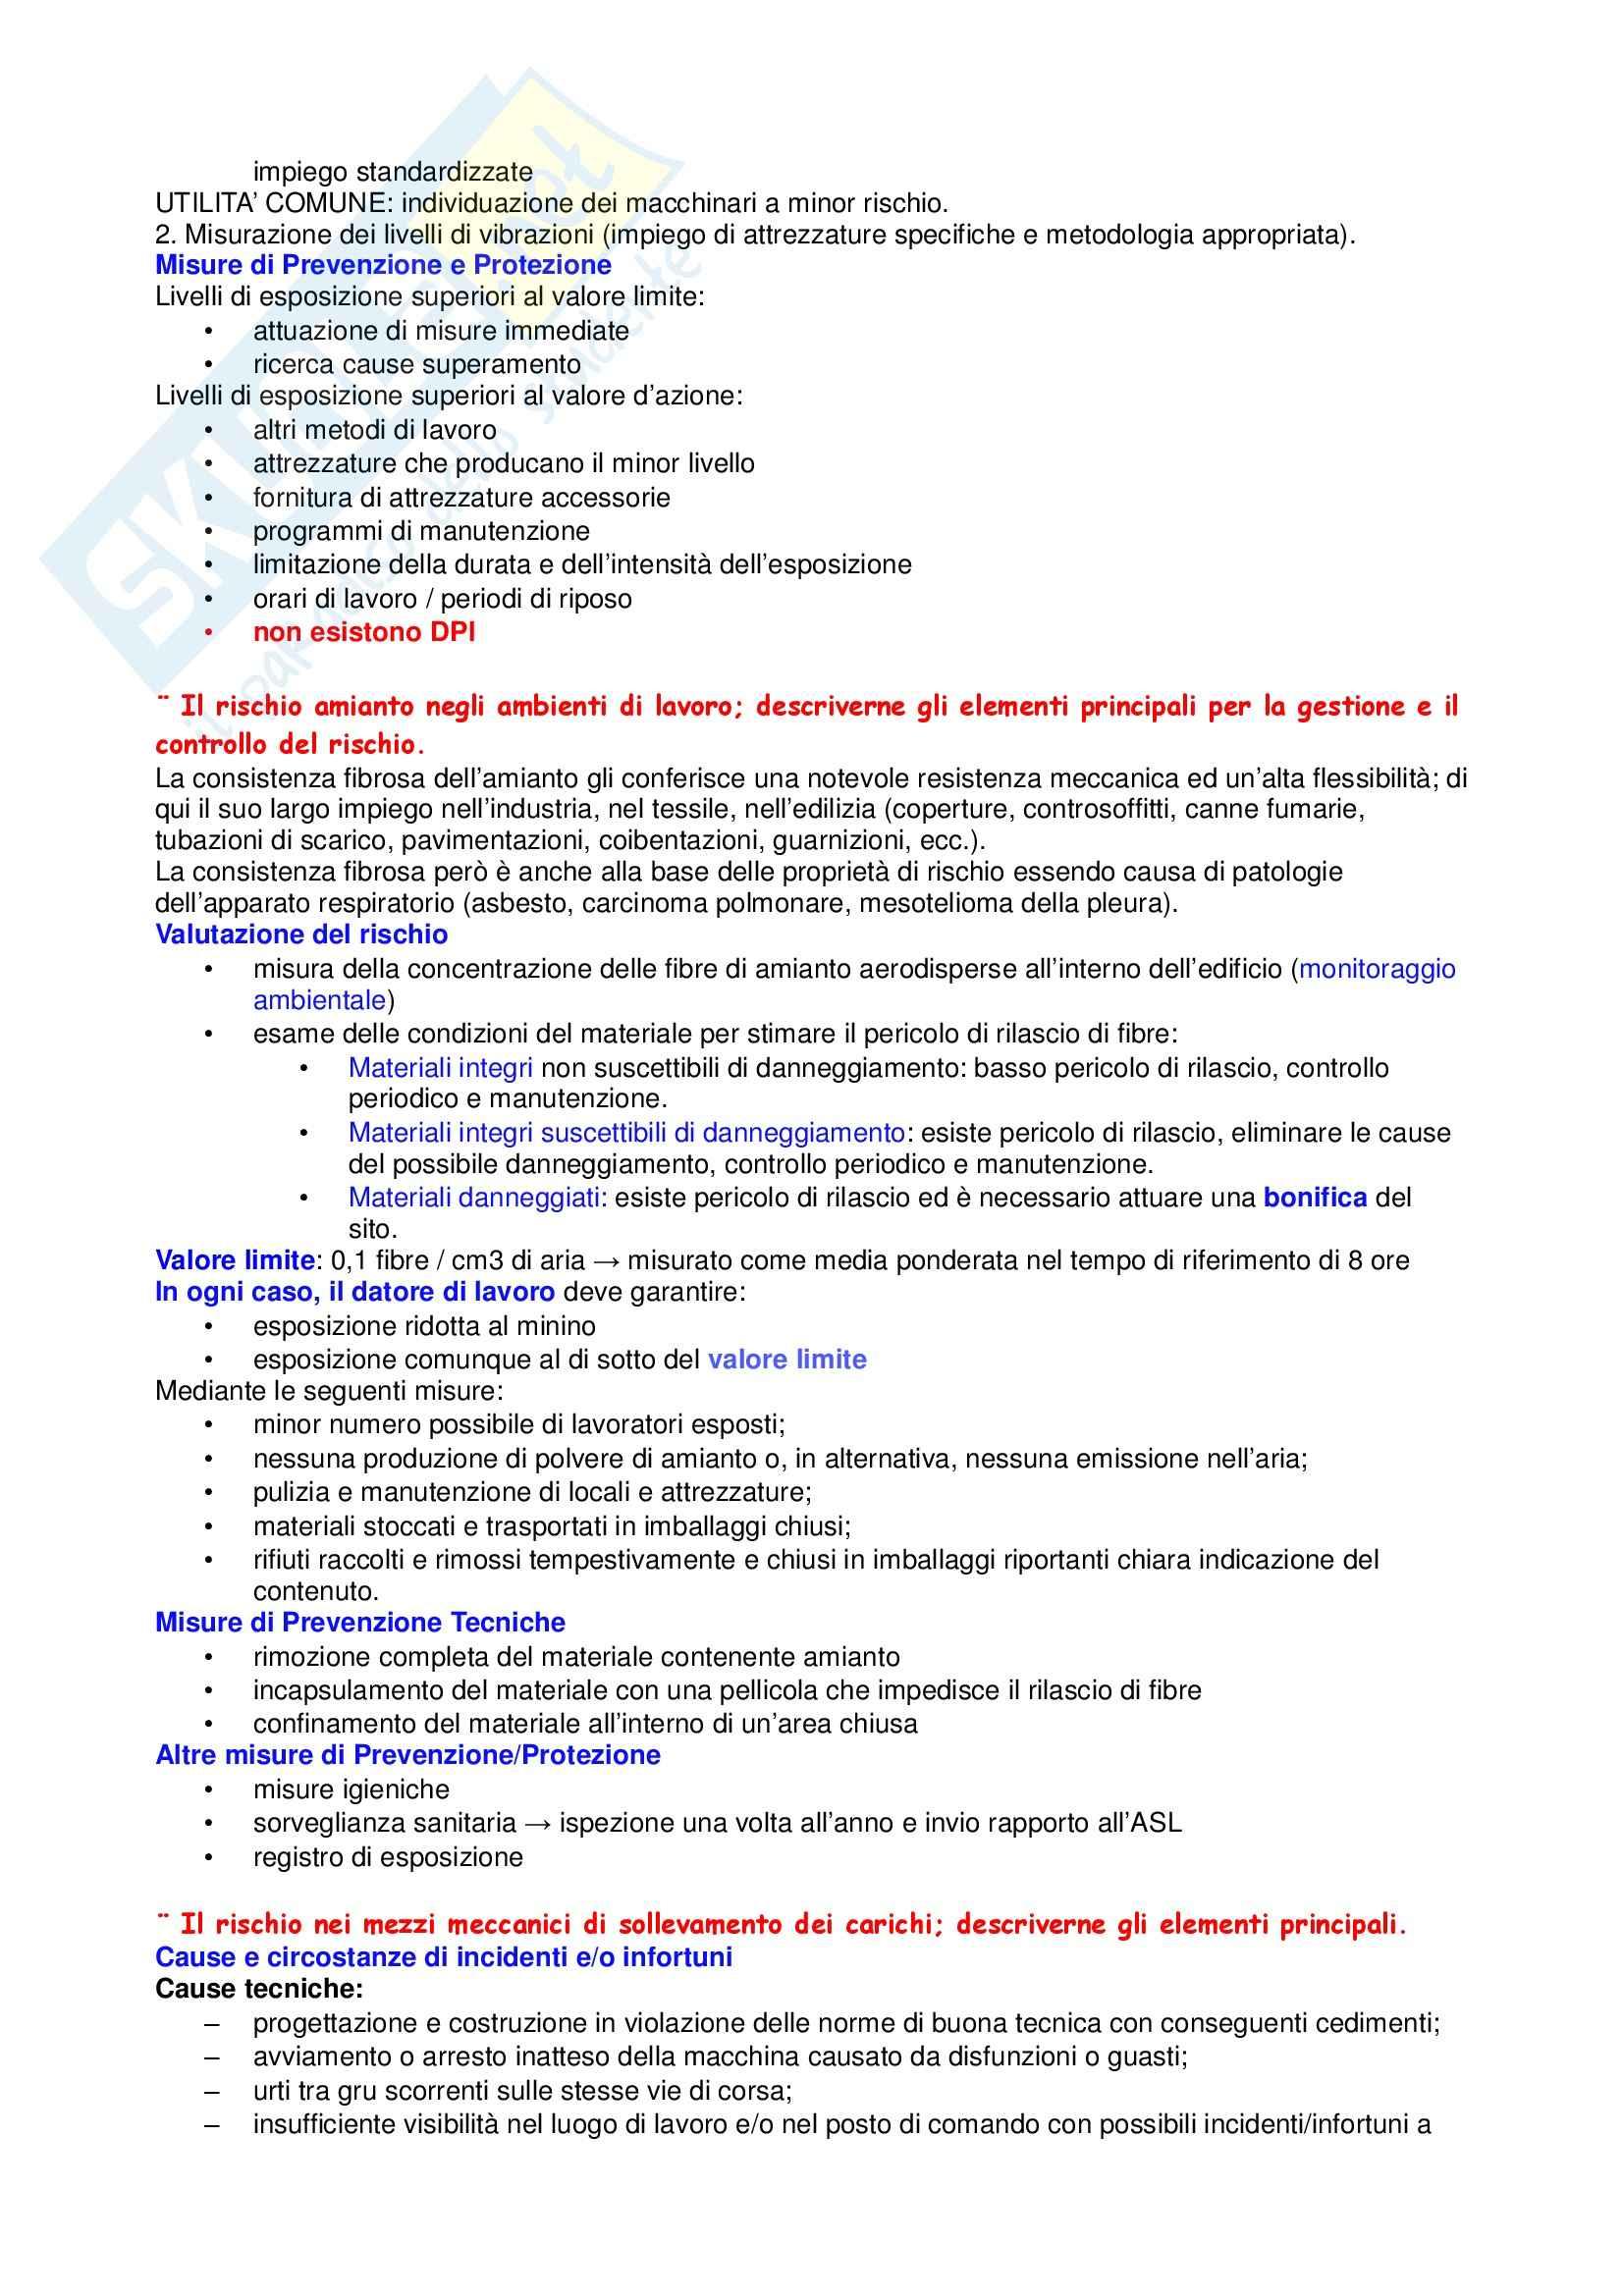 Manutenzione e  sicurezza - Appunti Pag. 16